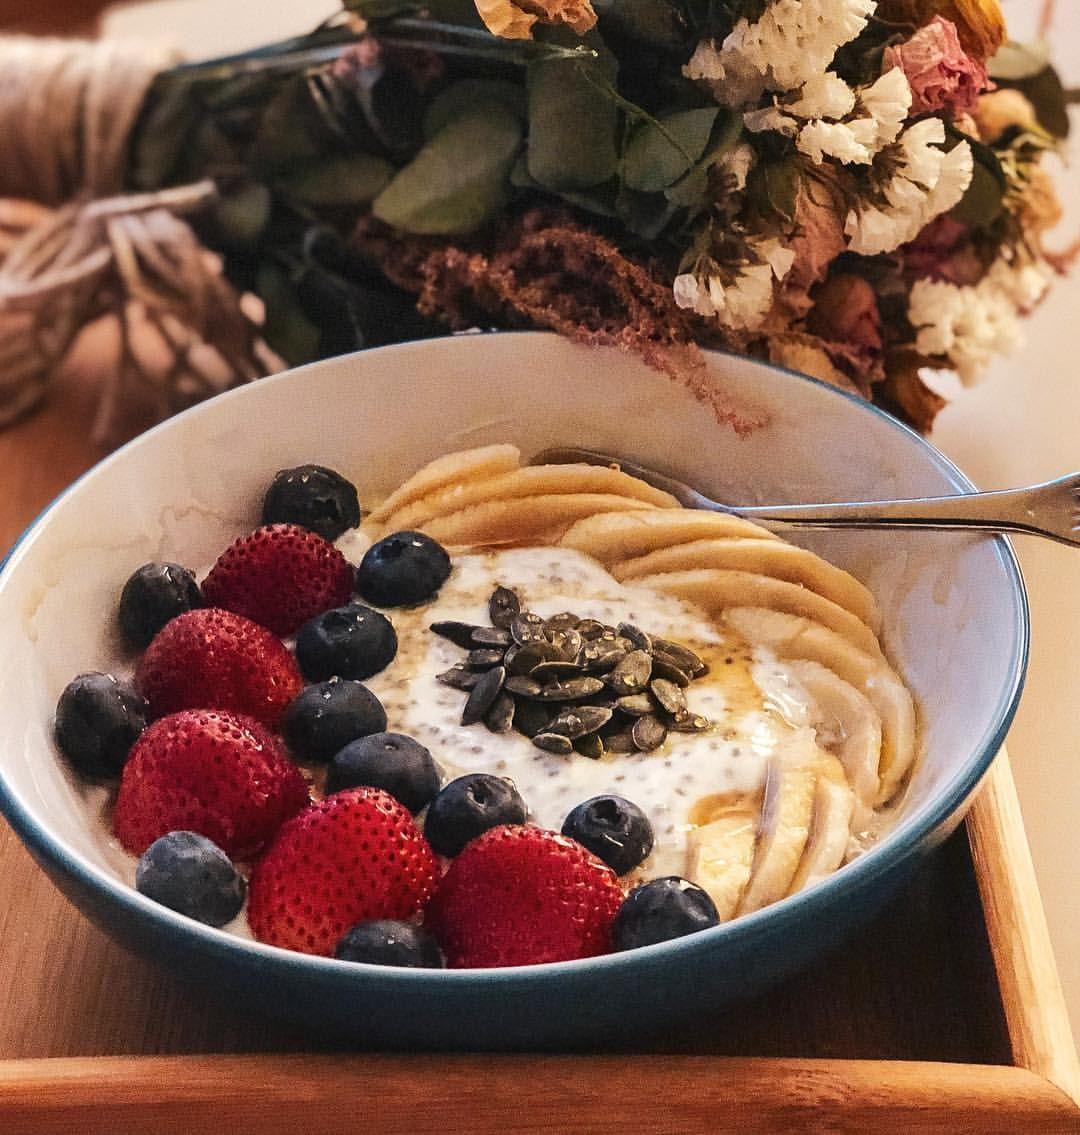 صباح الخير بداية جديدة بعد شهر رمضان و عطلة العيد كافي بقلاوة و كنافة يلا نرجع للأكل الصحي و للوزن الطبيعي مهما حاولت أقنع Food Recipes Breakfast